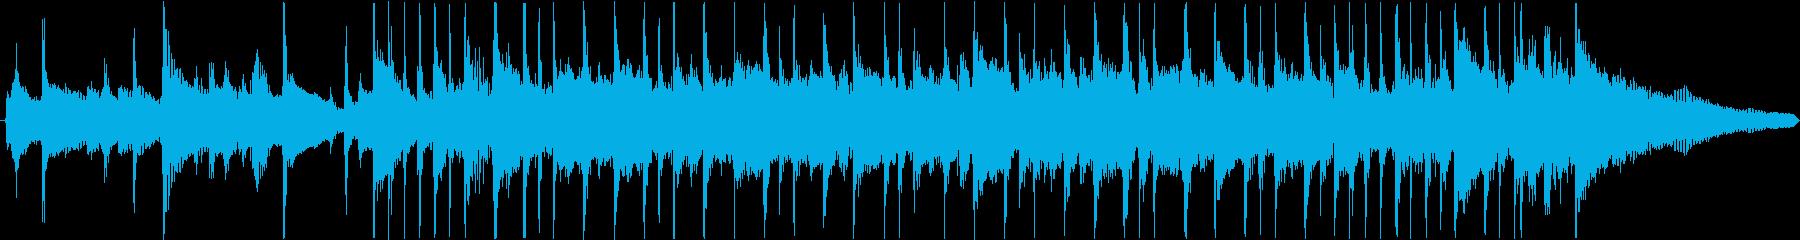 グロッケンの可愛いアメリカンカントリーの再生済みの波形